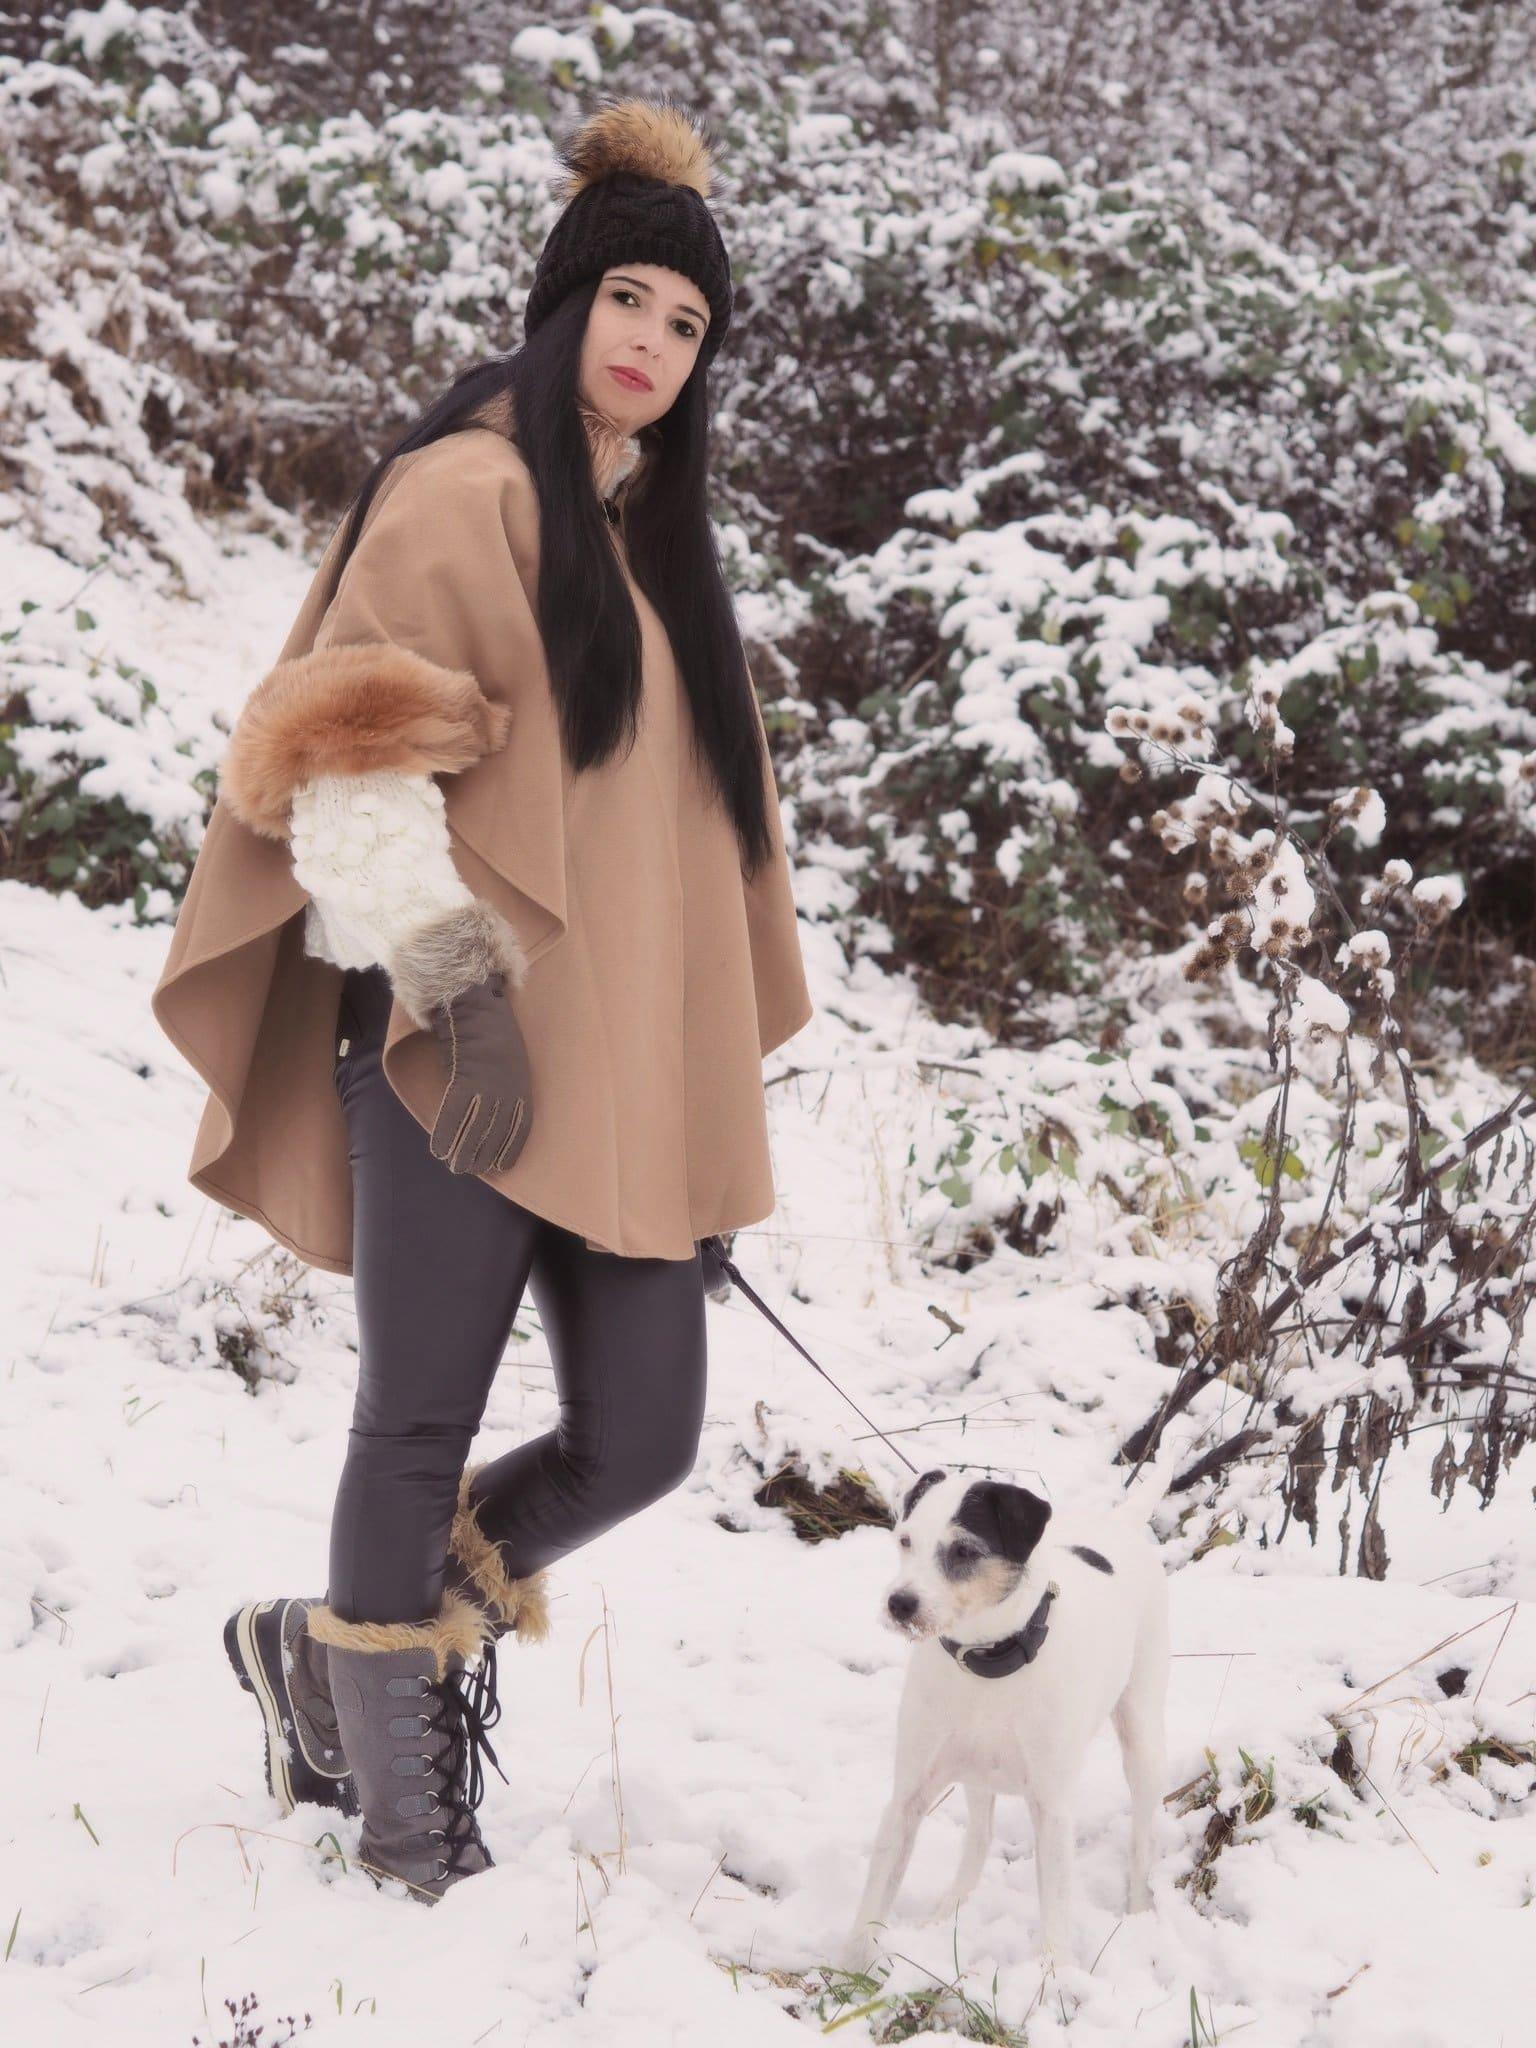 Heute zeige ich euch auf meinem Blog einen Winter-Look mit hübschem Poncho und erzähle euch die interessante Geschichte von diesem kultigen Kleidungsstück